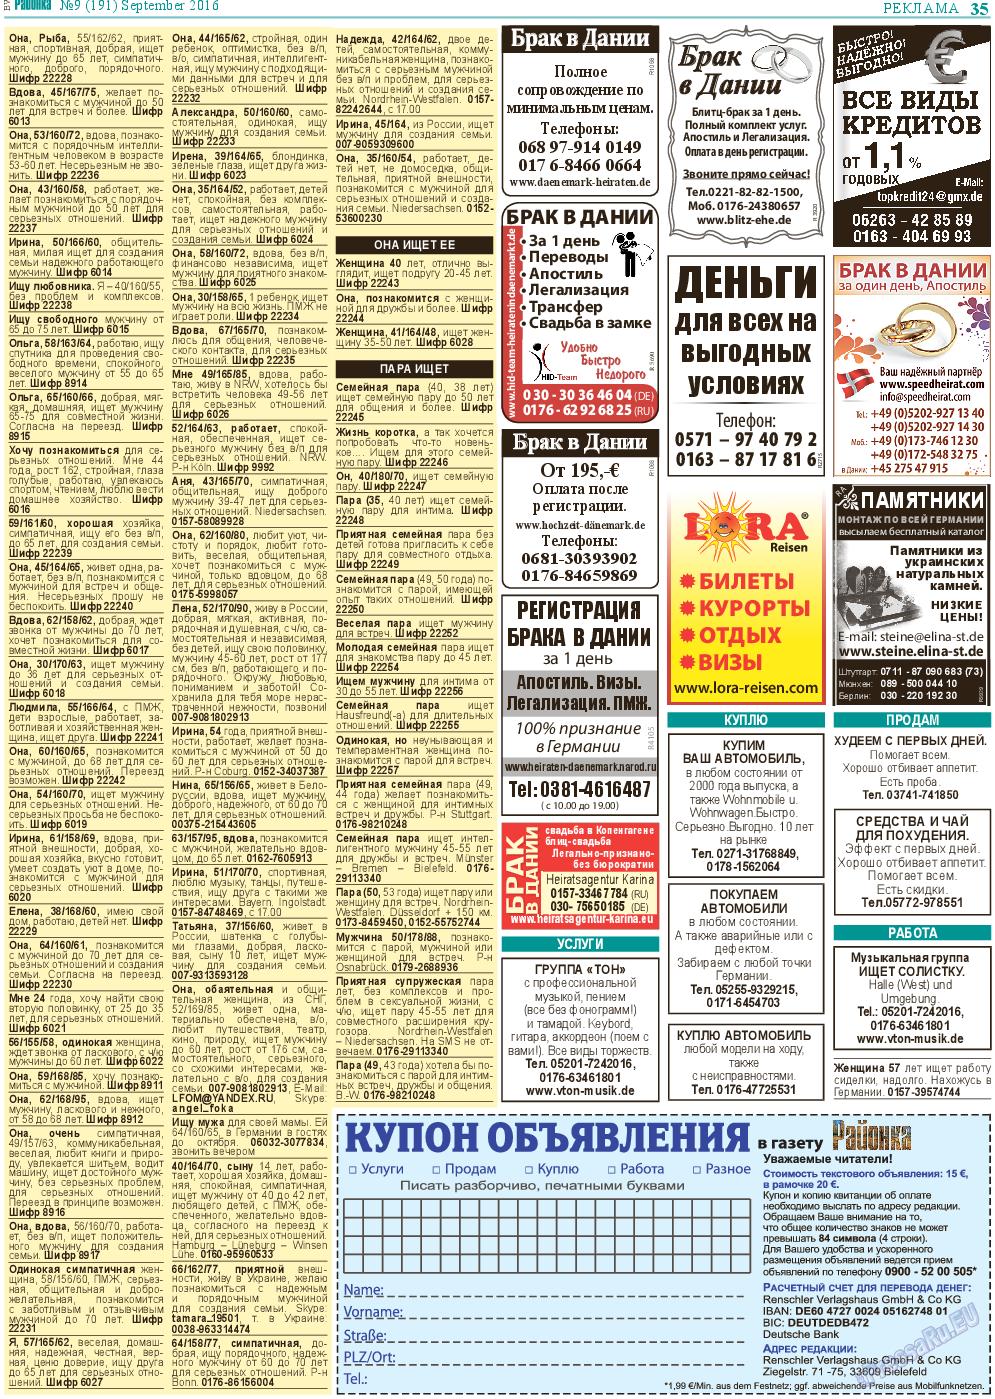 Районка-West (газета). 2016 год, номер 9, стр. 35